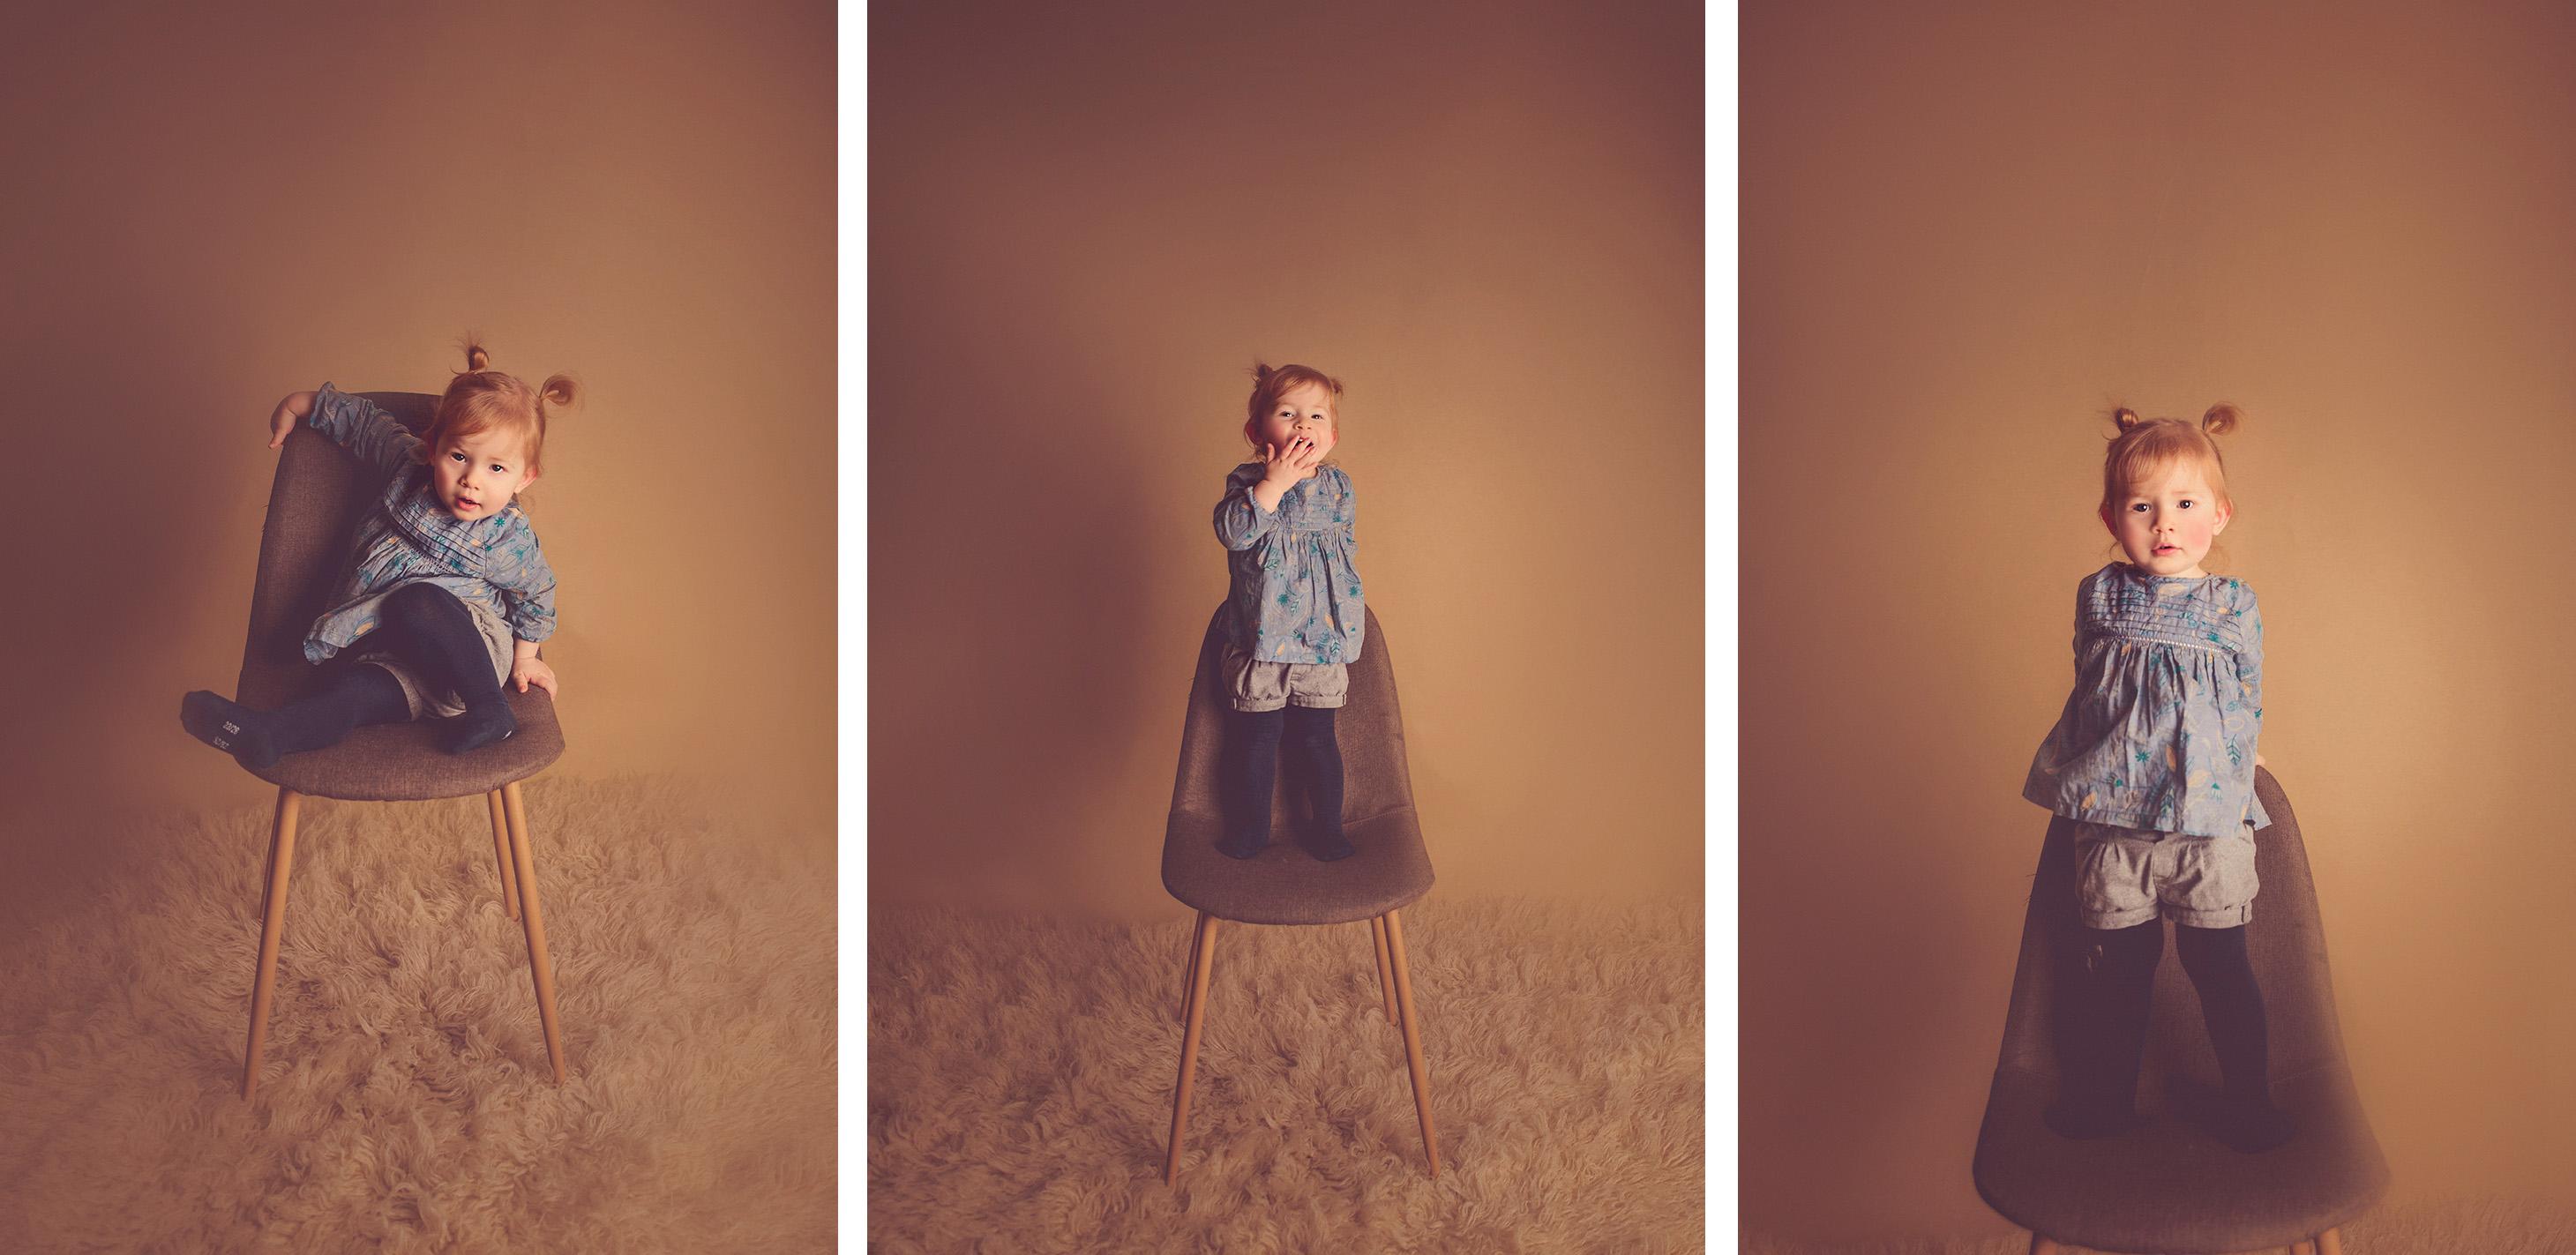 séance-enfant-fille-2ans-studio-photographe-59-tourcoing-lille-nord